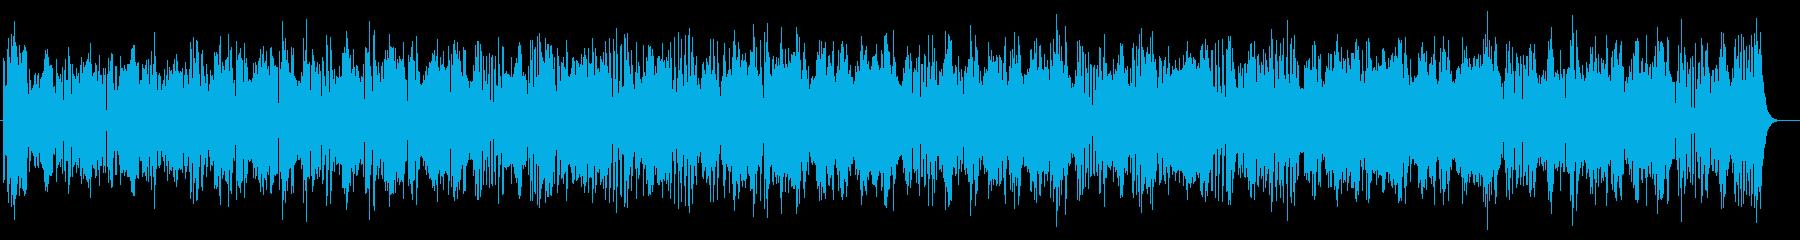 迫力とドキドキ感シンセサイザーサウンドの再生済みの波形